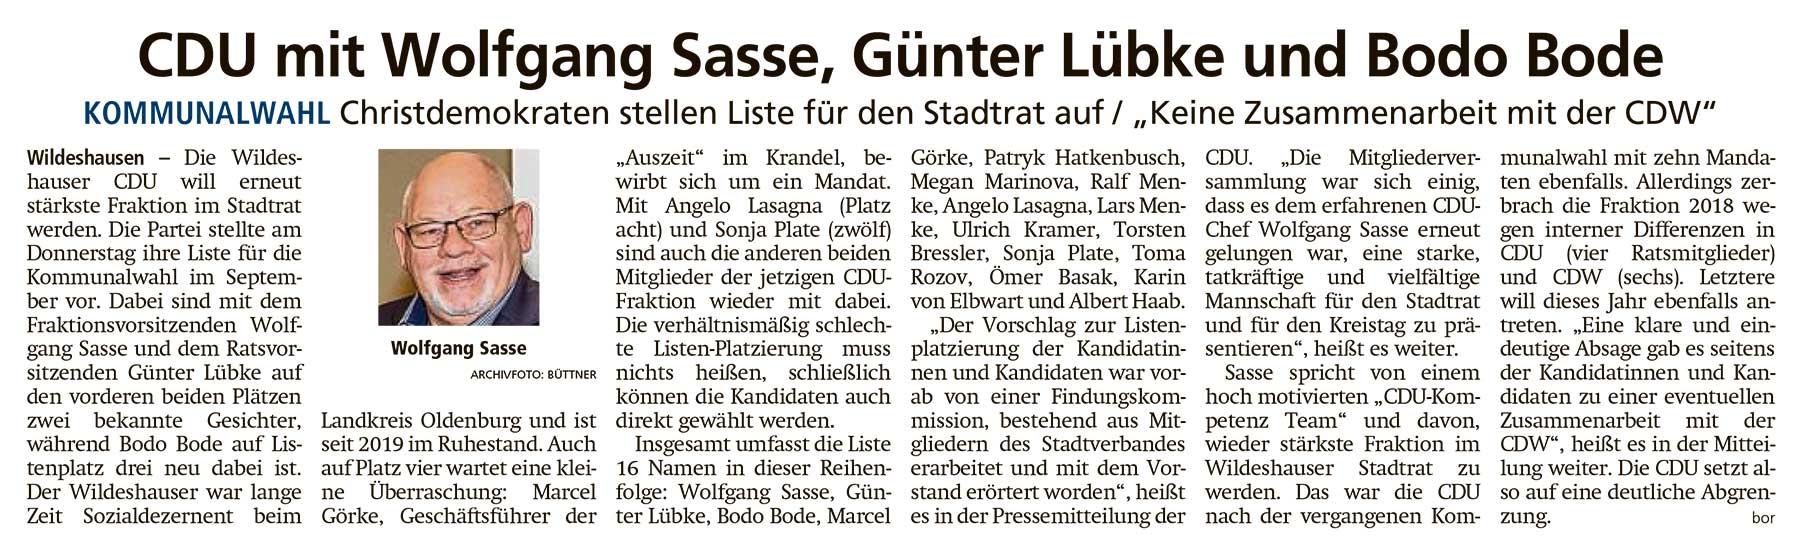 CDU mit Wolfgang Sasse, Günter Lübke und Bodo BodeKommunalwahl // Christdemokraten stellen Liste für den Stadtrat auf / 'Keine Zusammenarbeit mit der CDW'Artikel vom 18.06.2021 (WZ)